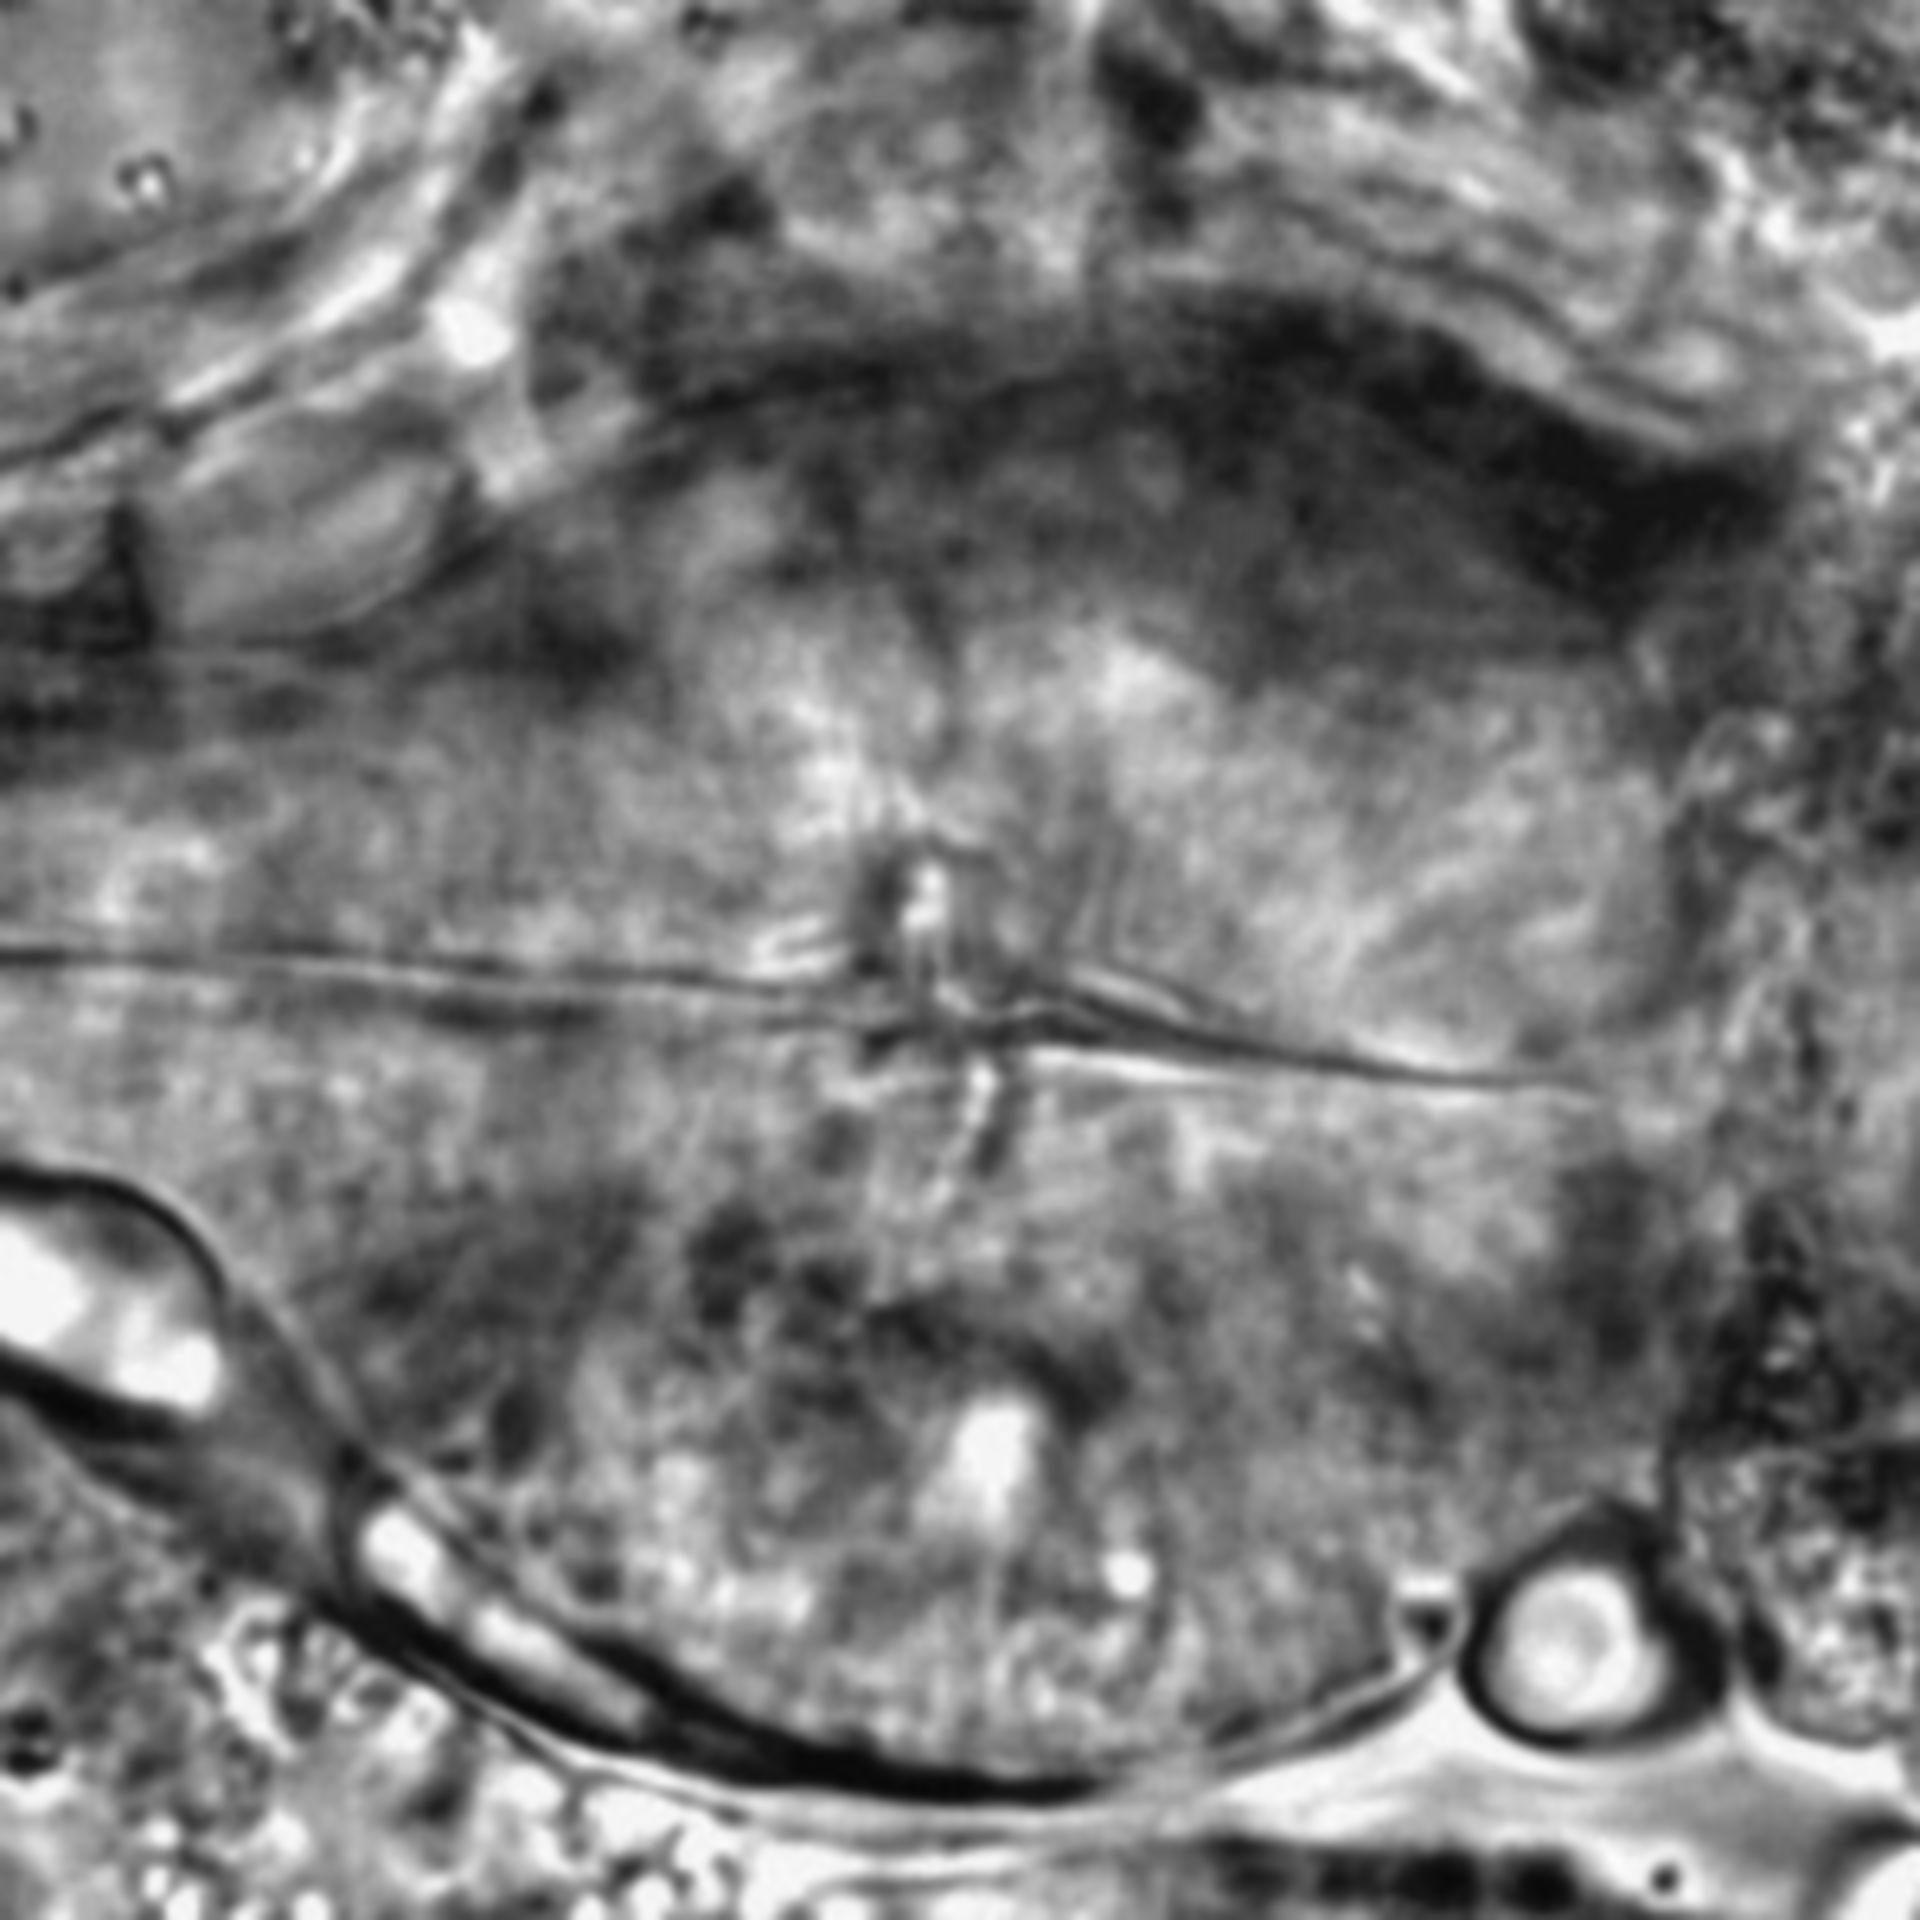 Caenorhabditis elegans - CIL:2295